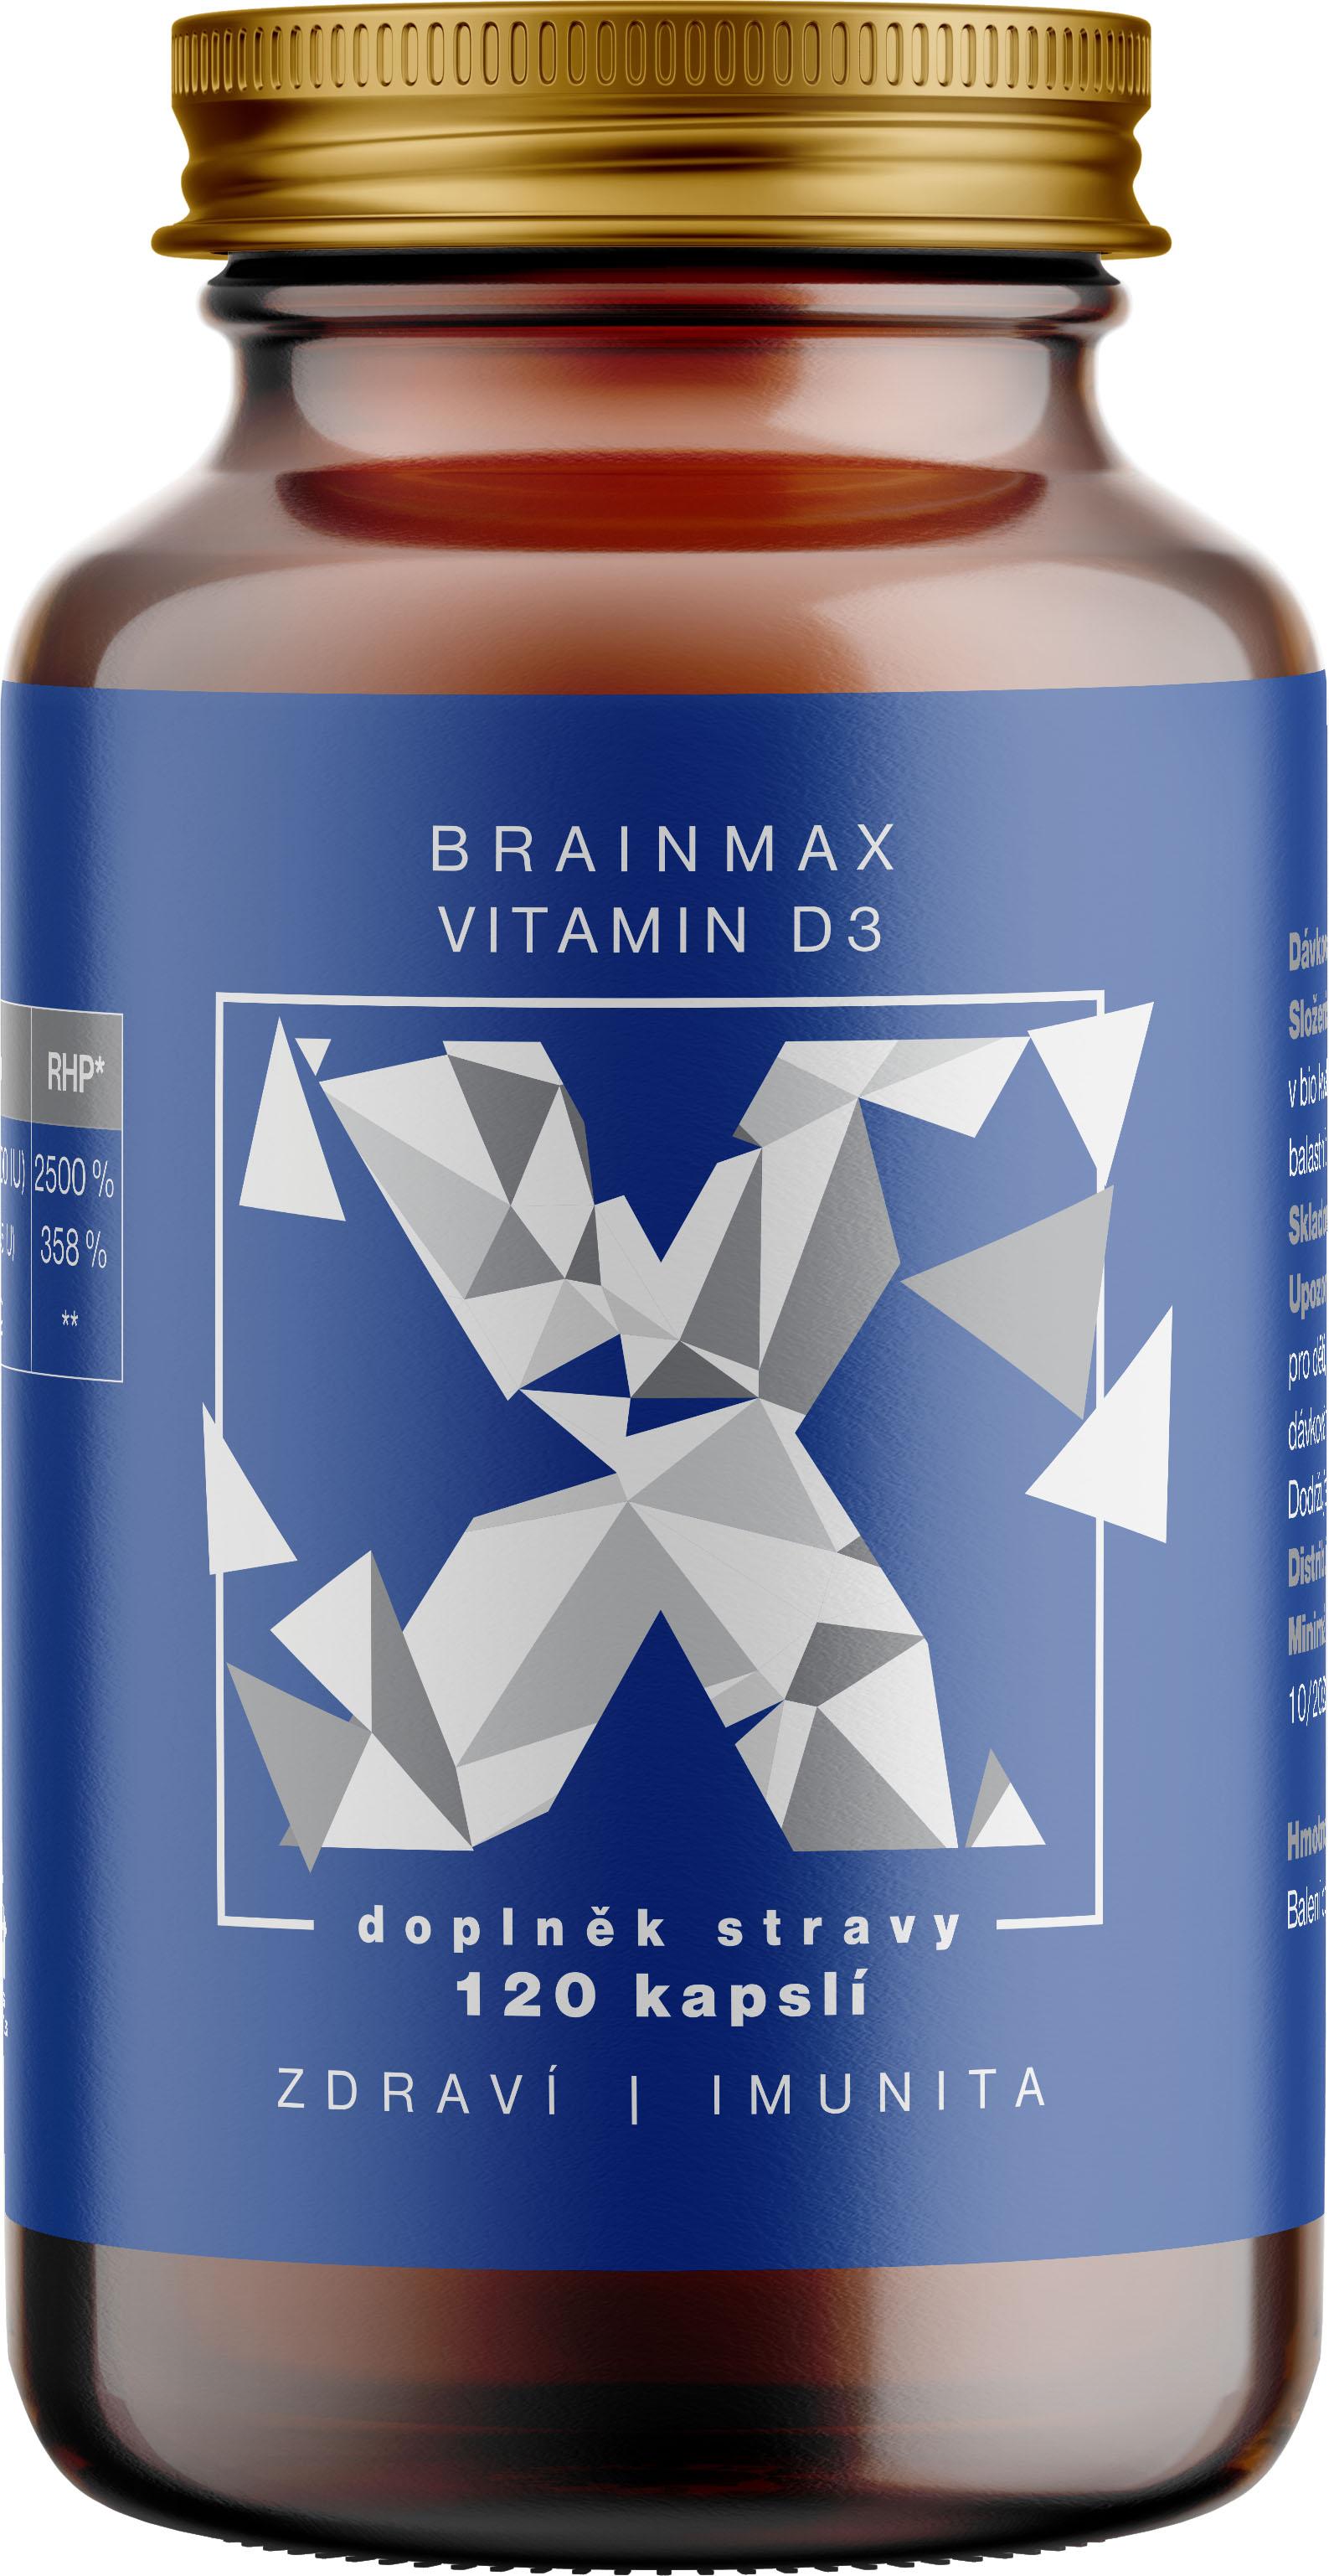 BrainMax Vitamin D3, 5000 IU, 120 rostlinných kapslí